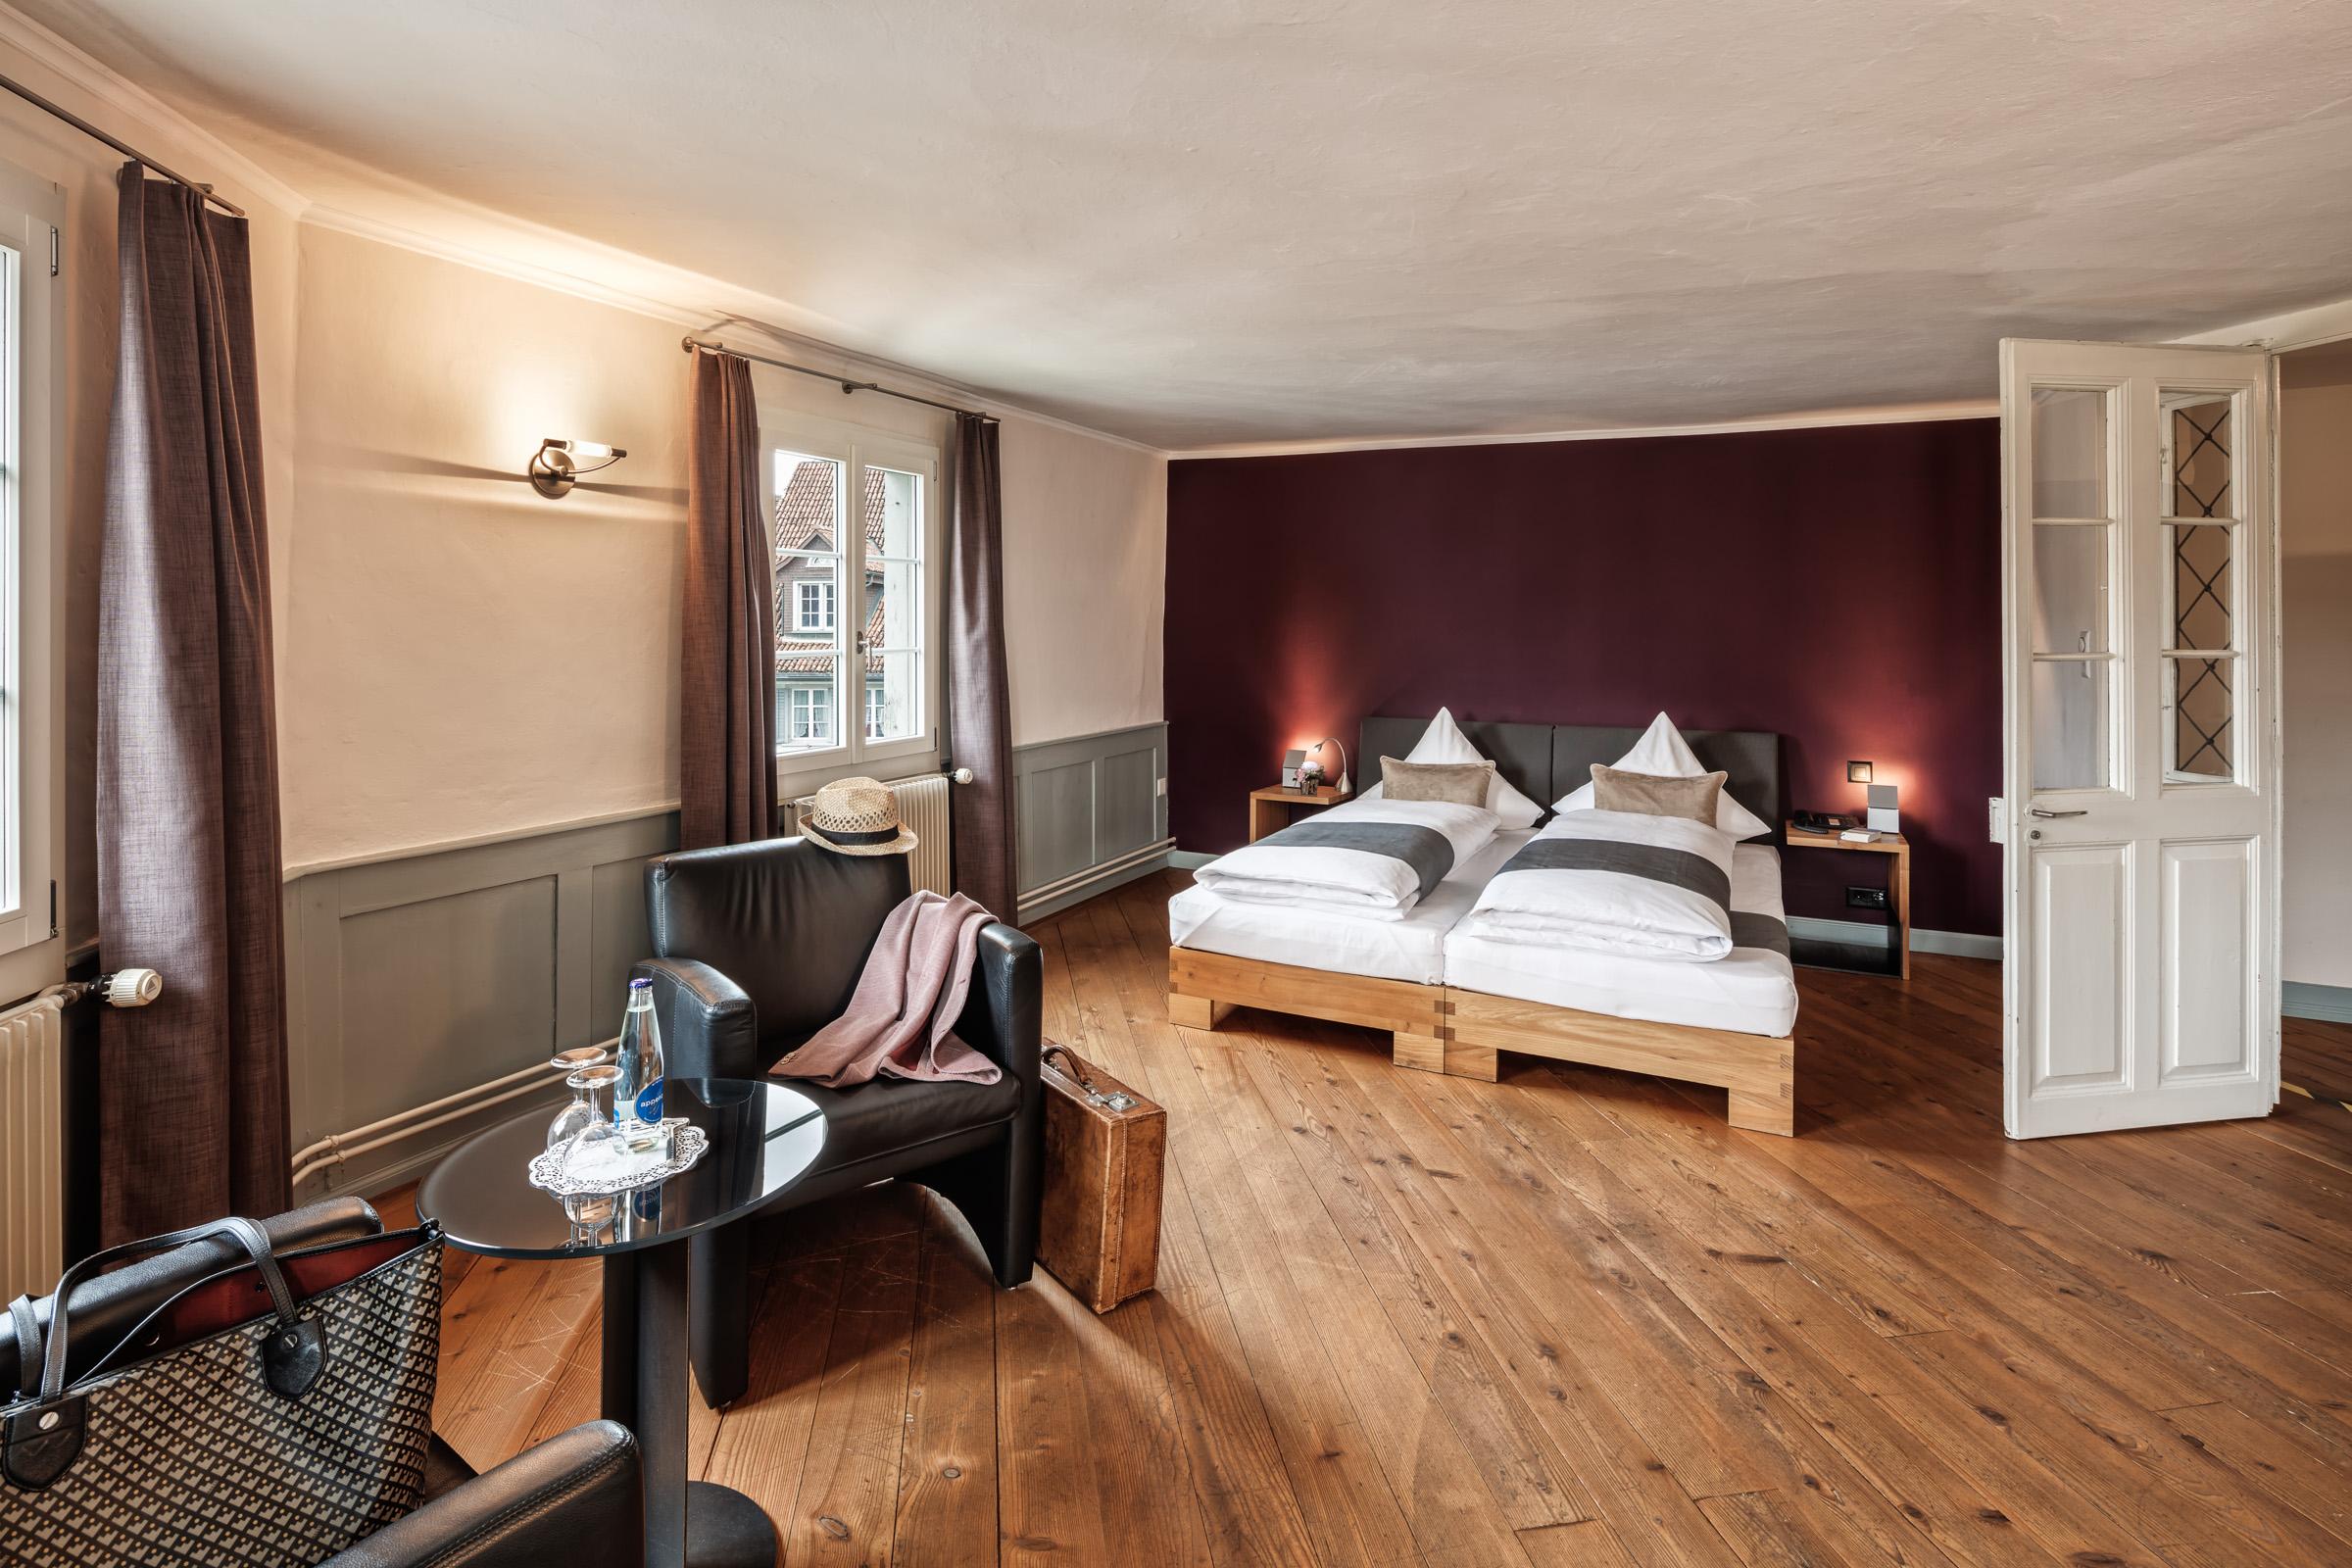 19-127 - Hotel Le Lion Bischofszell - Hotelfotografie-.jpg